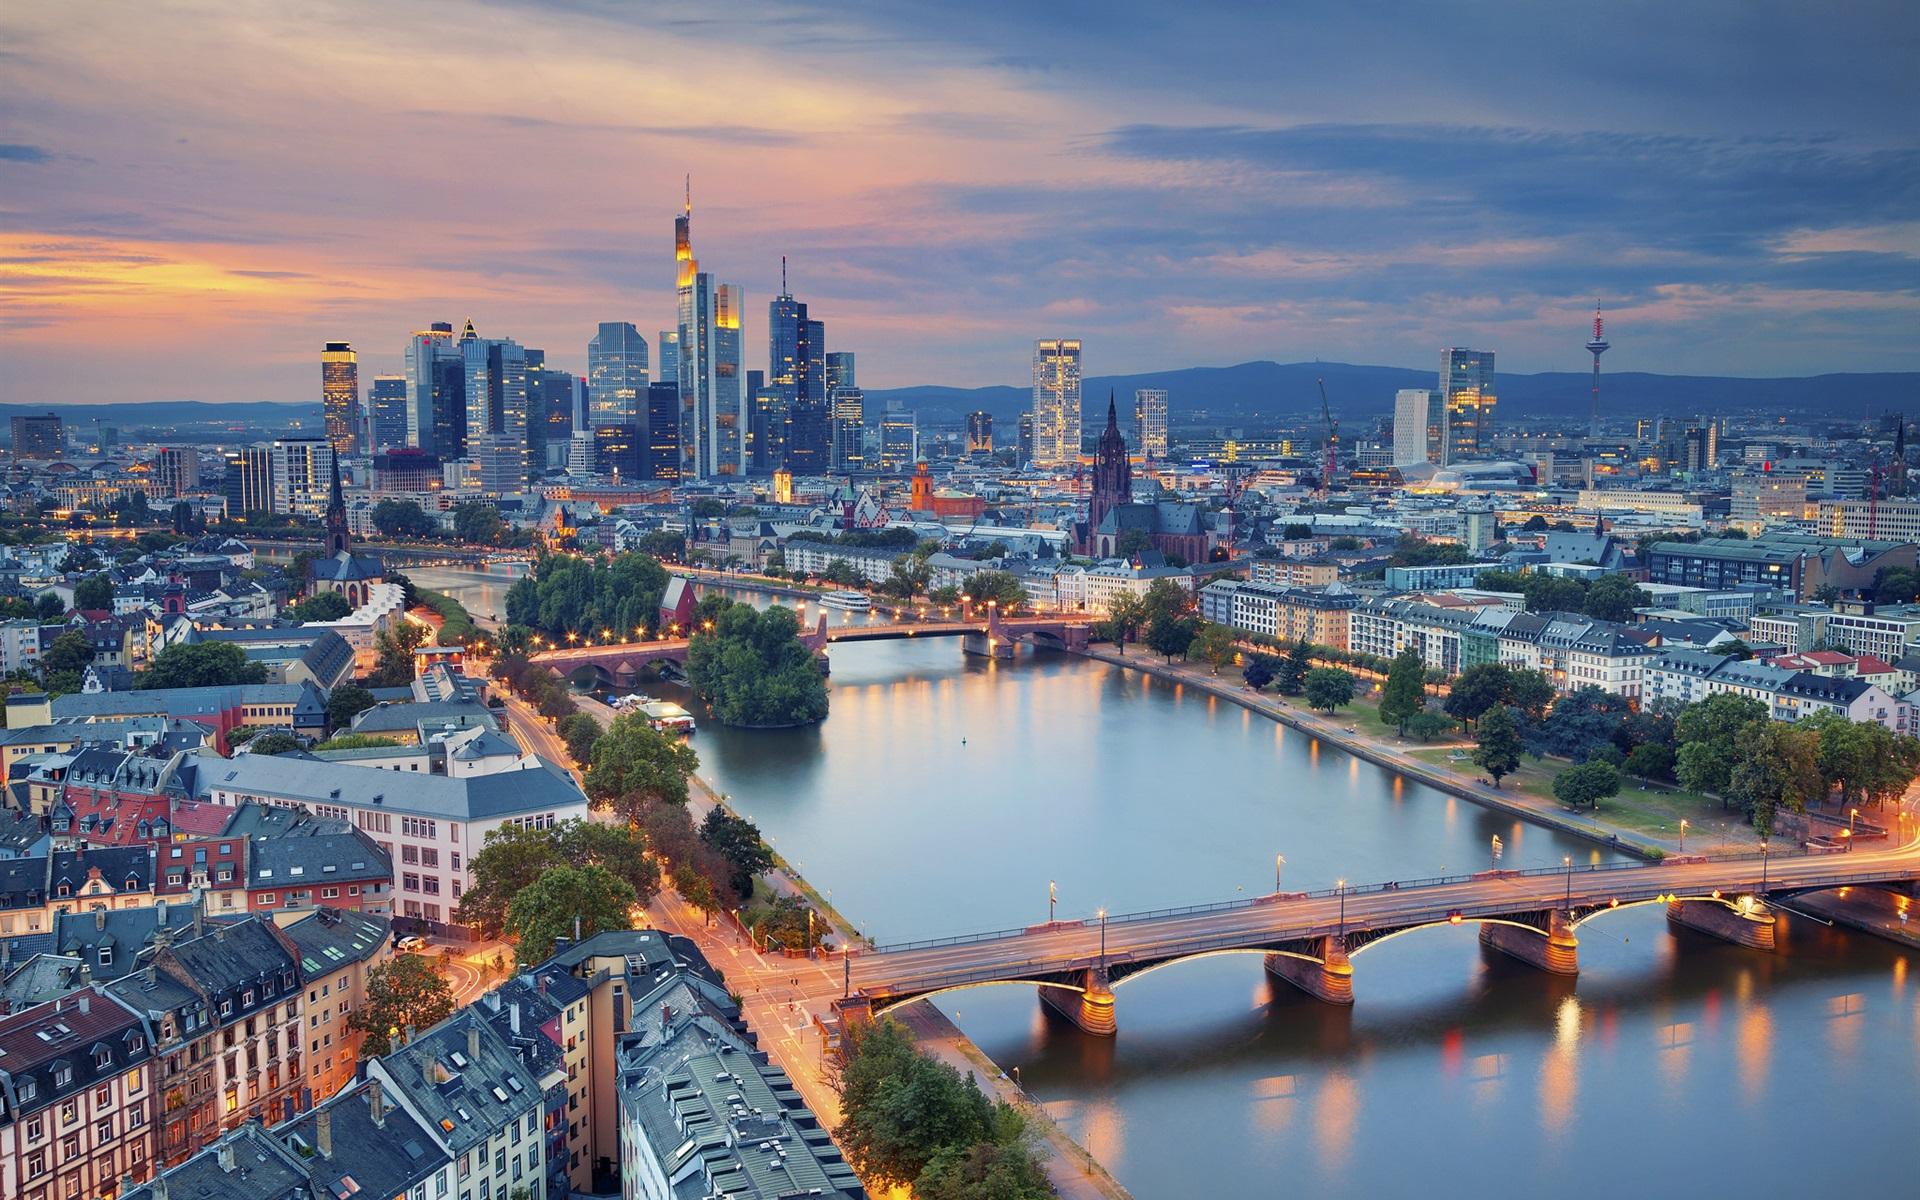 Обои красиво, германия. Города foto 13